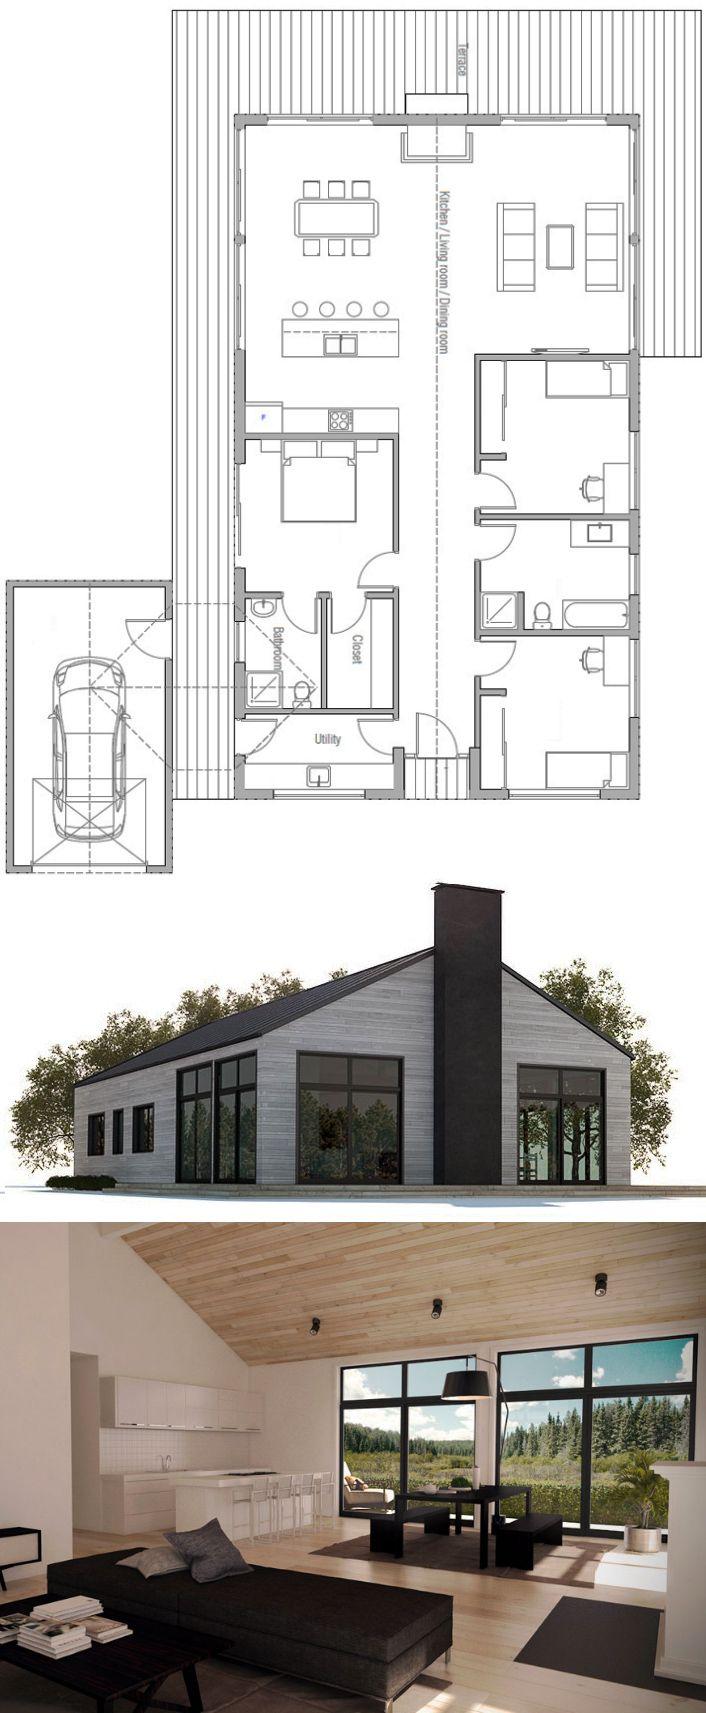 17 migliori idee su planimetrie di case su pinterest for Progetti di townhouse e planimetrie